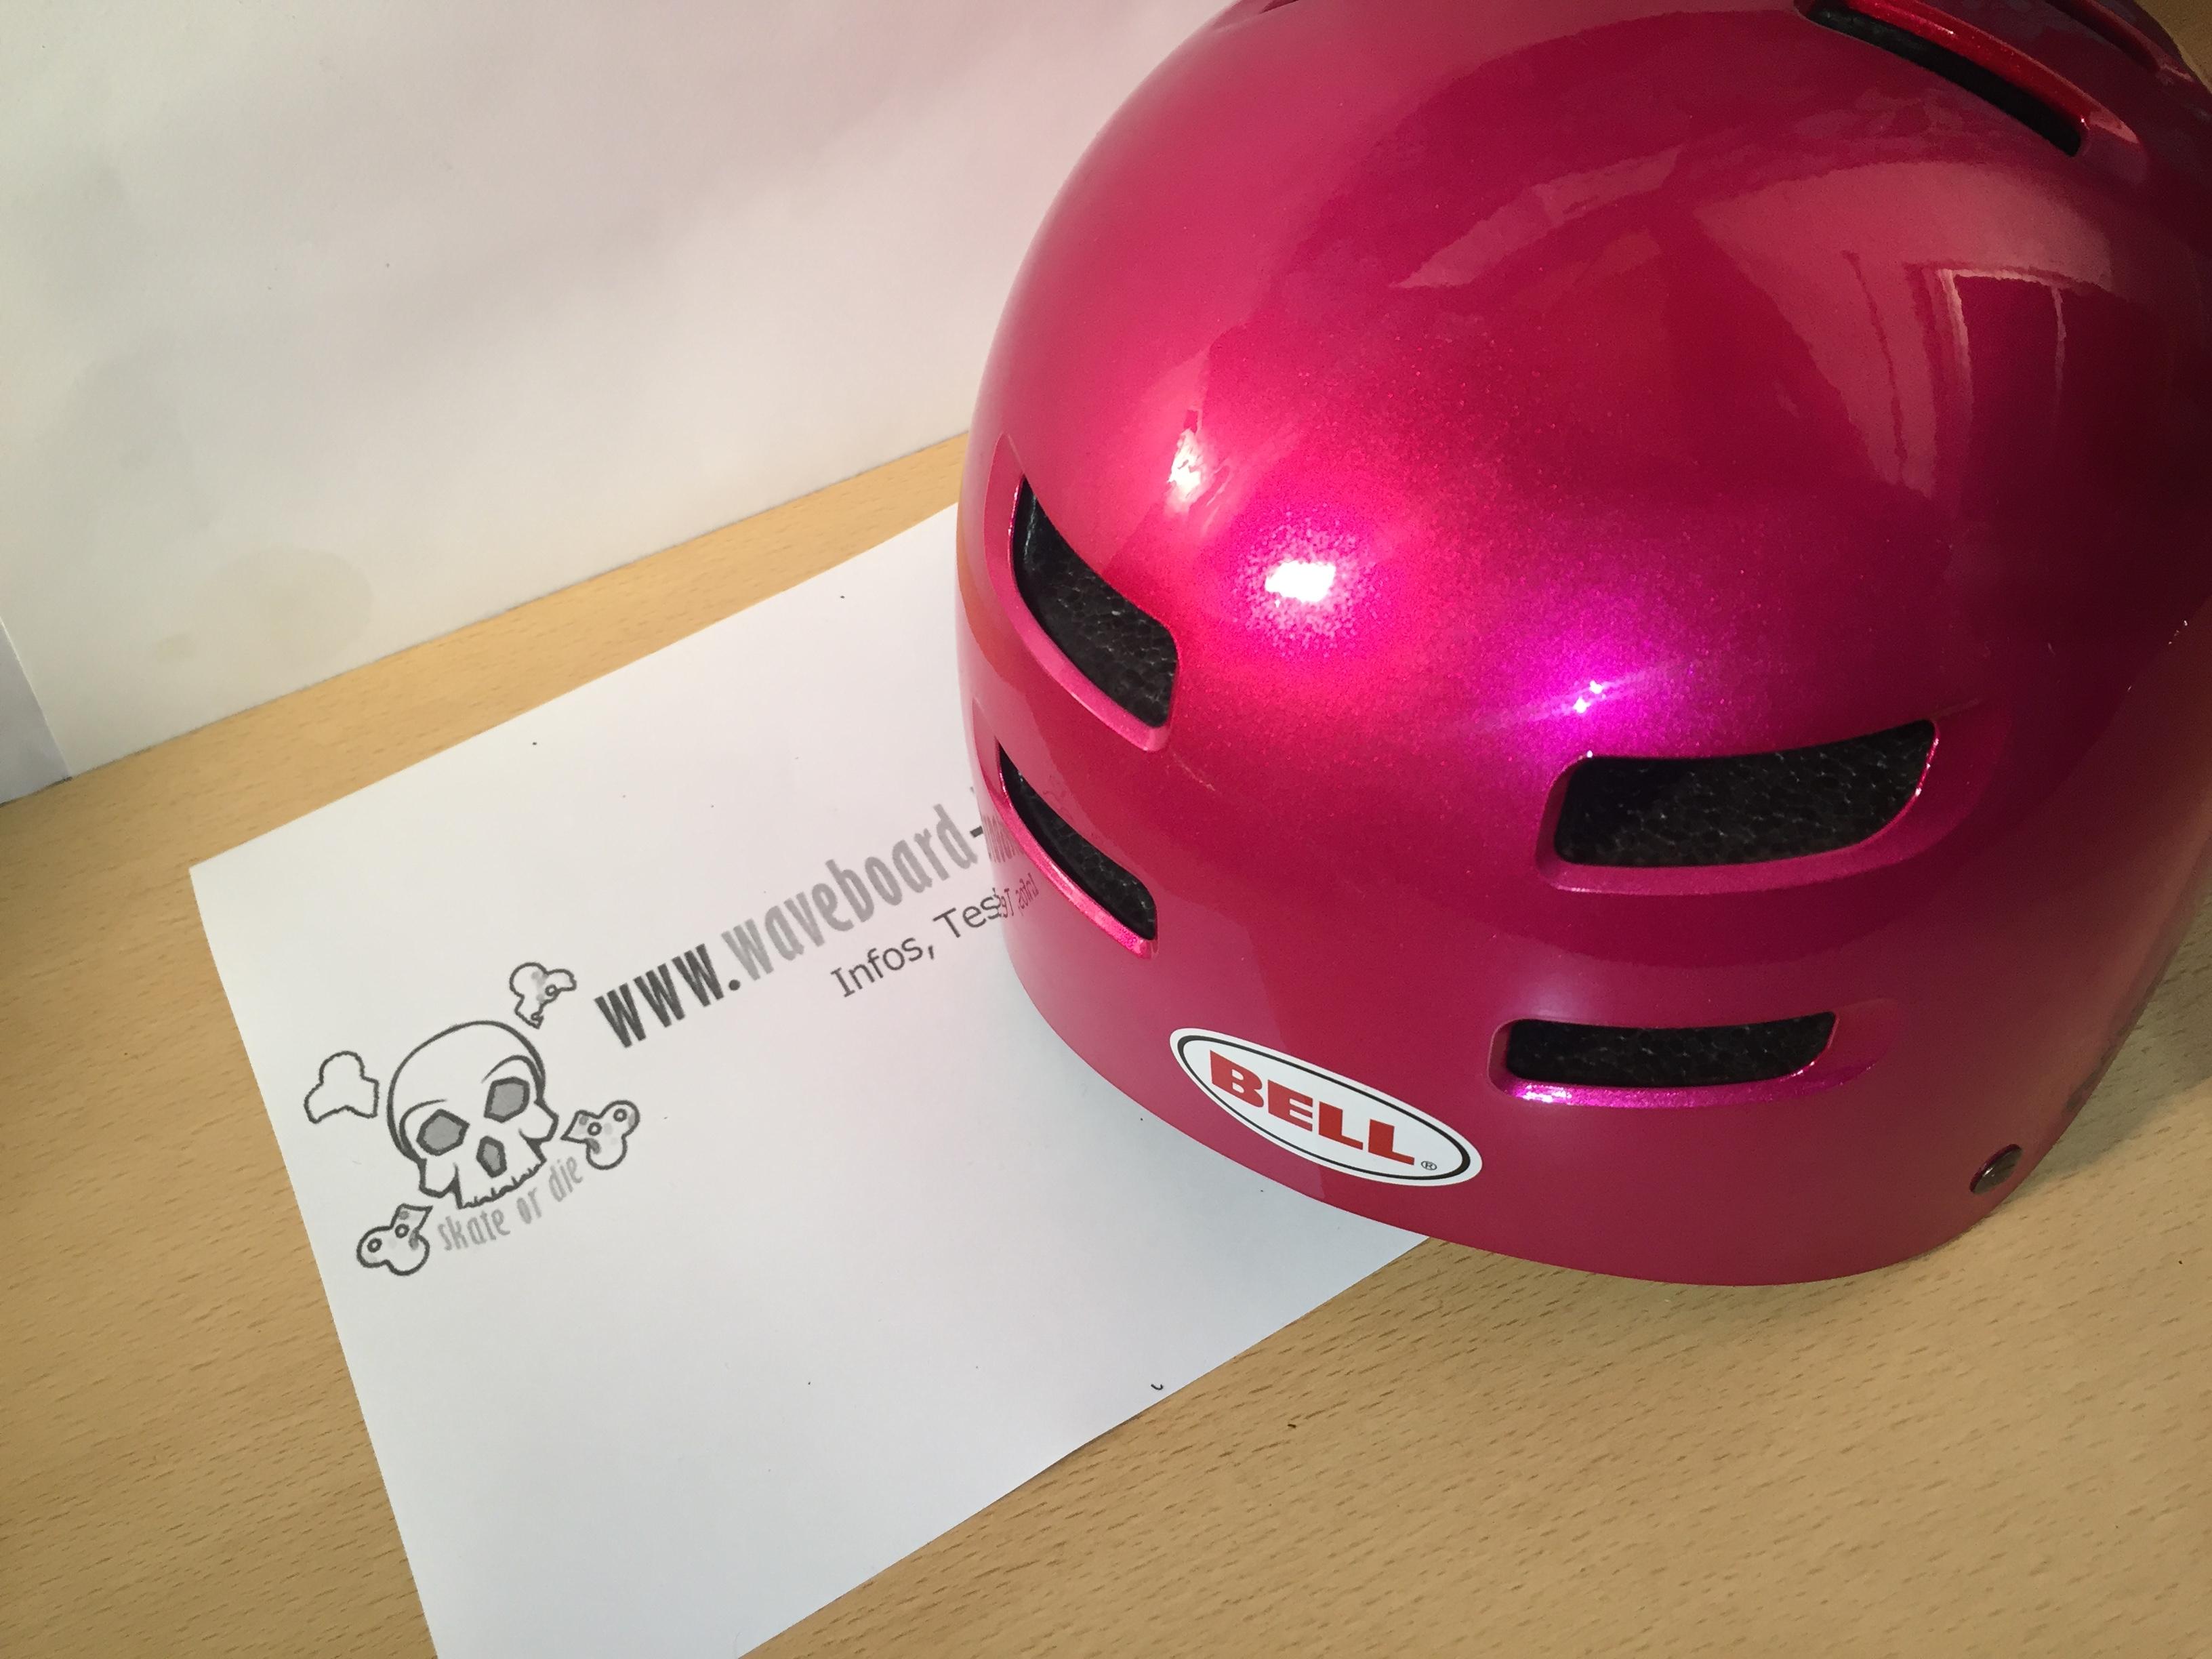 Nahaufnahme der Rückseite des Helms - 4 Luftöffnungen für eine optimale Belüftung im hinteren Kopfbereich